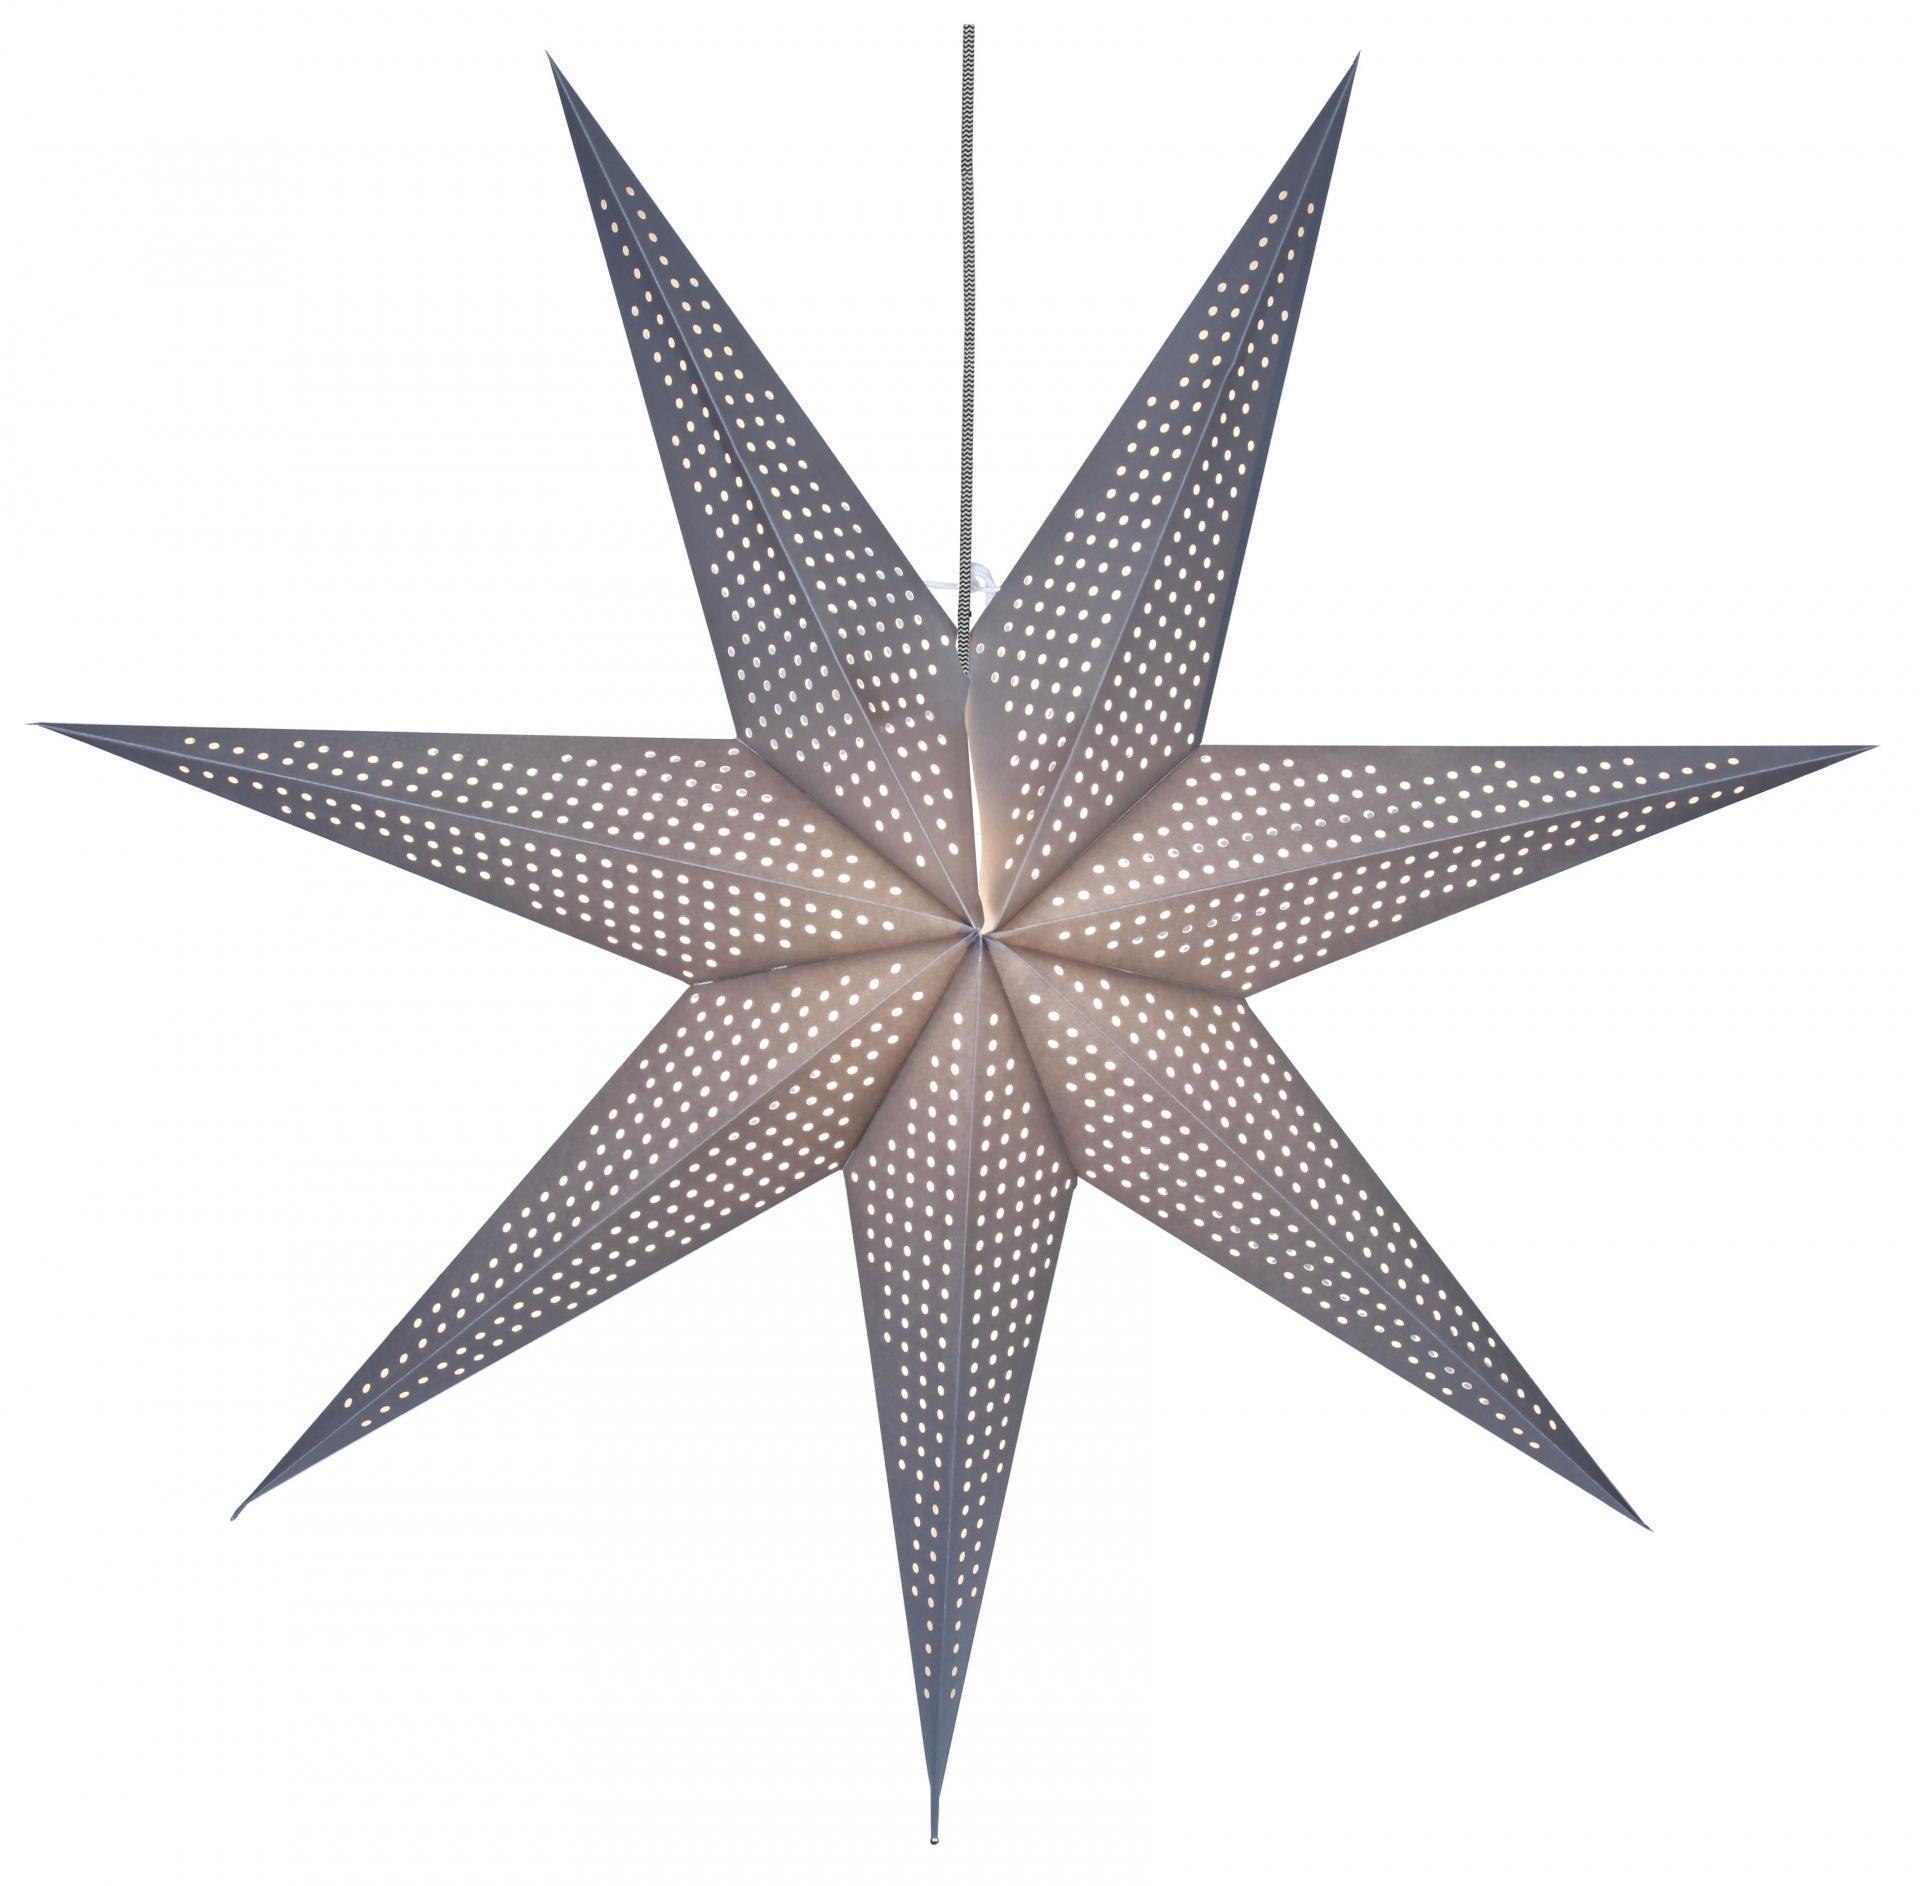 STAR TRADING Závěsná svítící hvězda Huss Grey 100 cm, šedá barva, papír